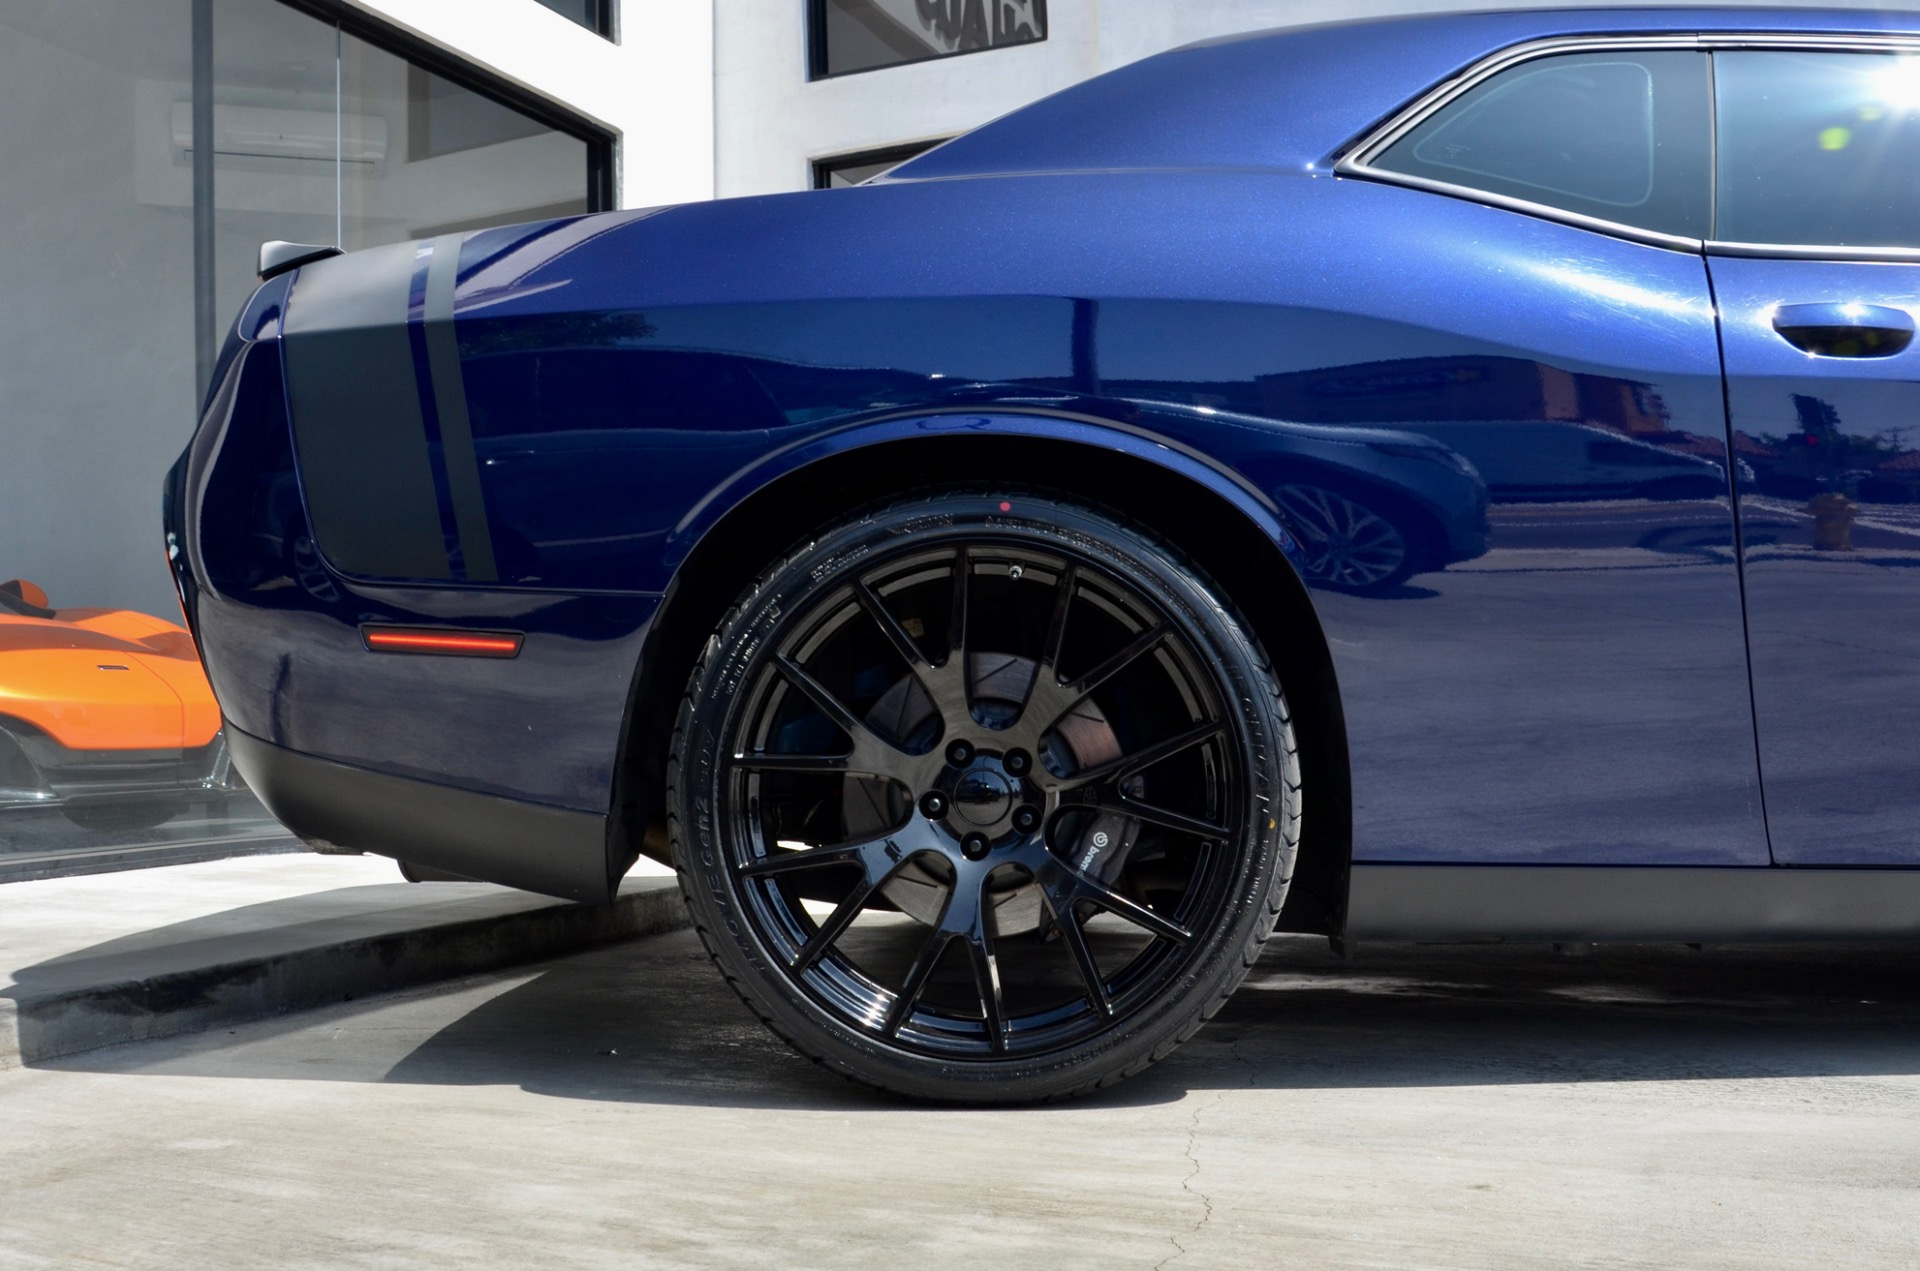 Used-2016-Dodge-Challenger-392-HEMI-Scat-Pack-Shaker